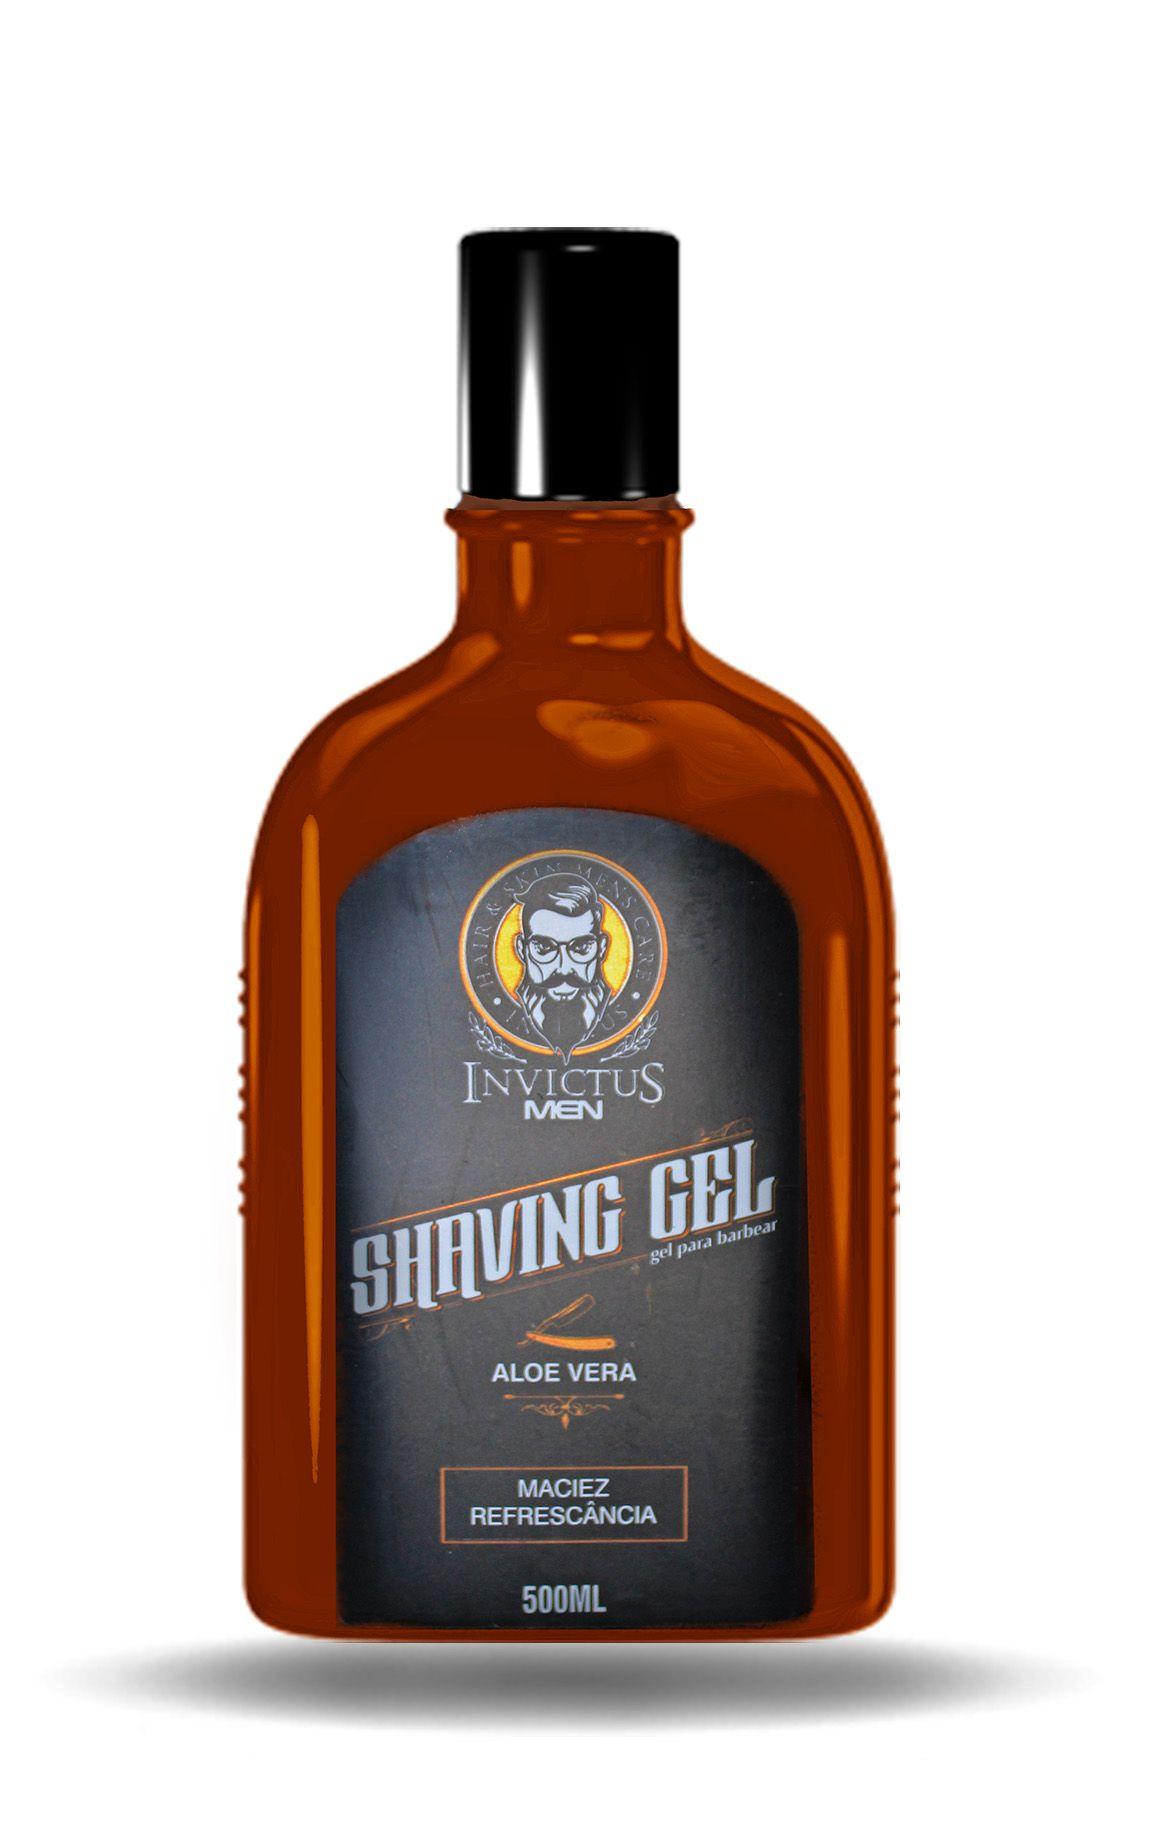 Invictus Men Shaving Gel 500ml